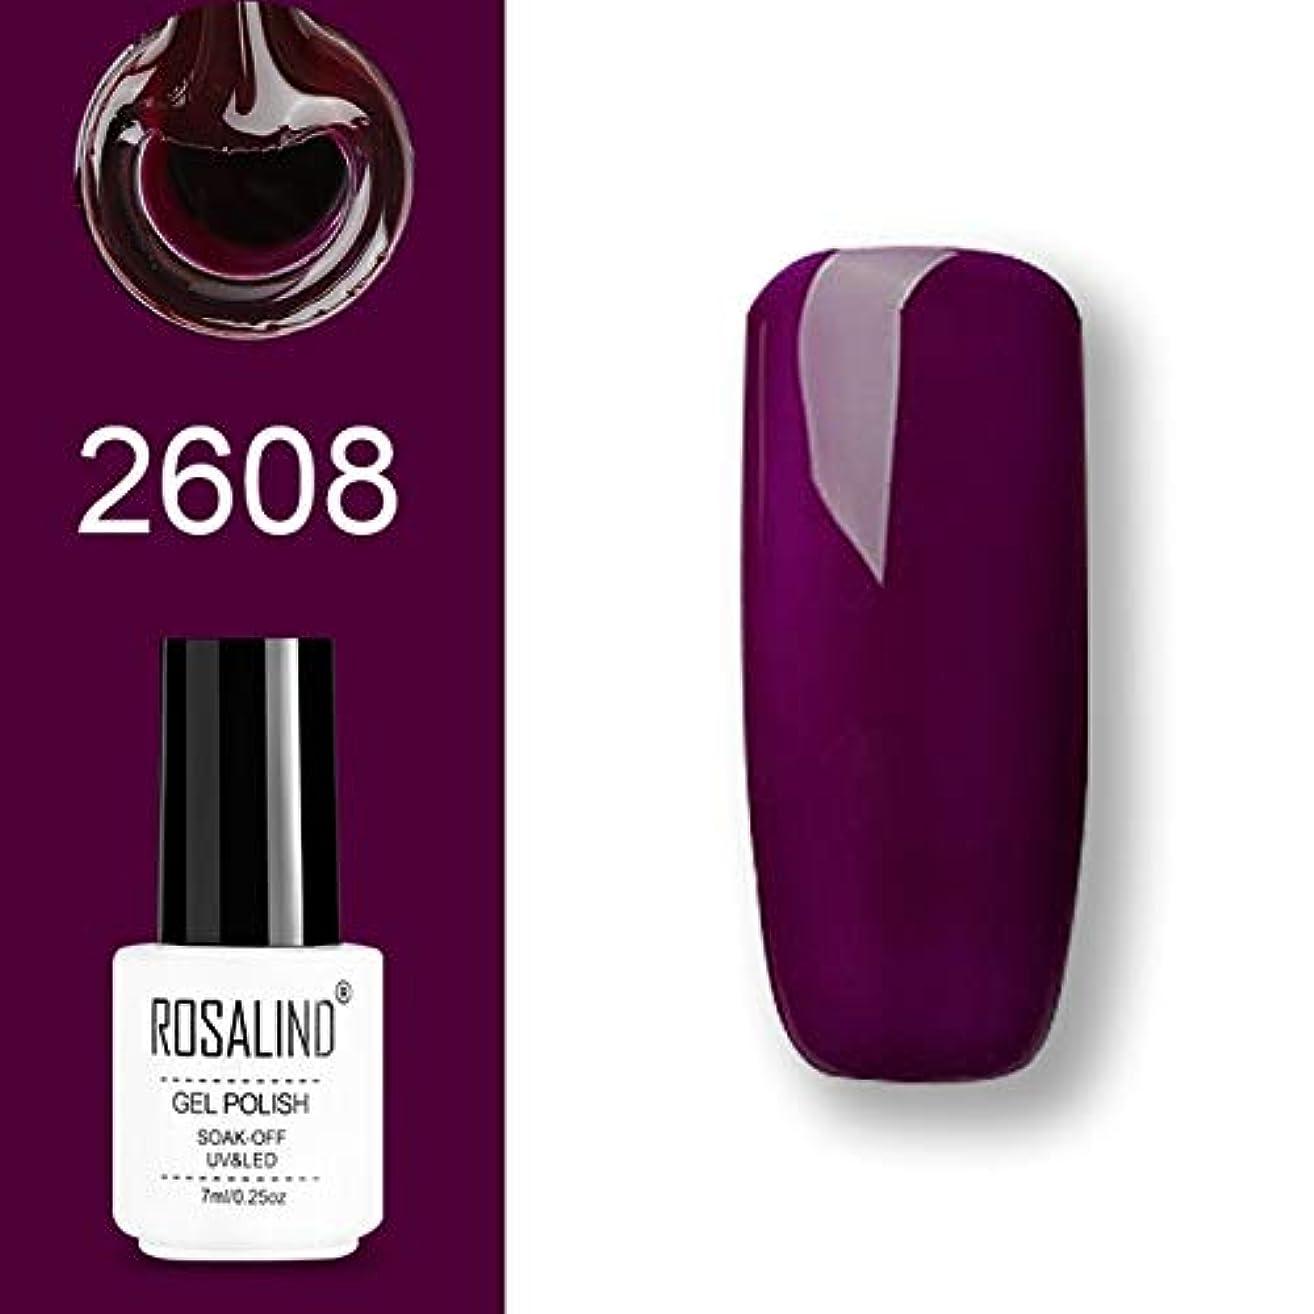 測定可能民間人やがてファッションアイテム ROSALINDジェルポリッシュセットUV半永久プライマートップコートポリジェルニスネイルアートマニキュアジェル、容量:7ml 2608ピュアカラーネイルグルー 環境に優しいマニキュア